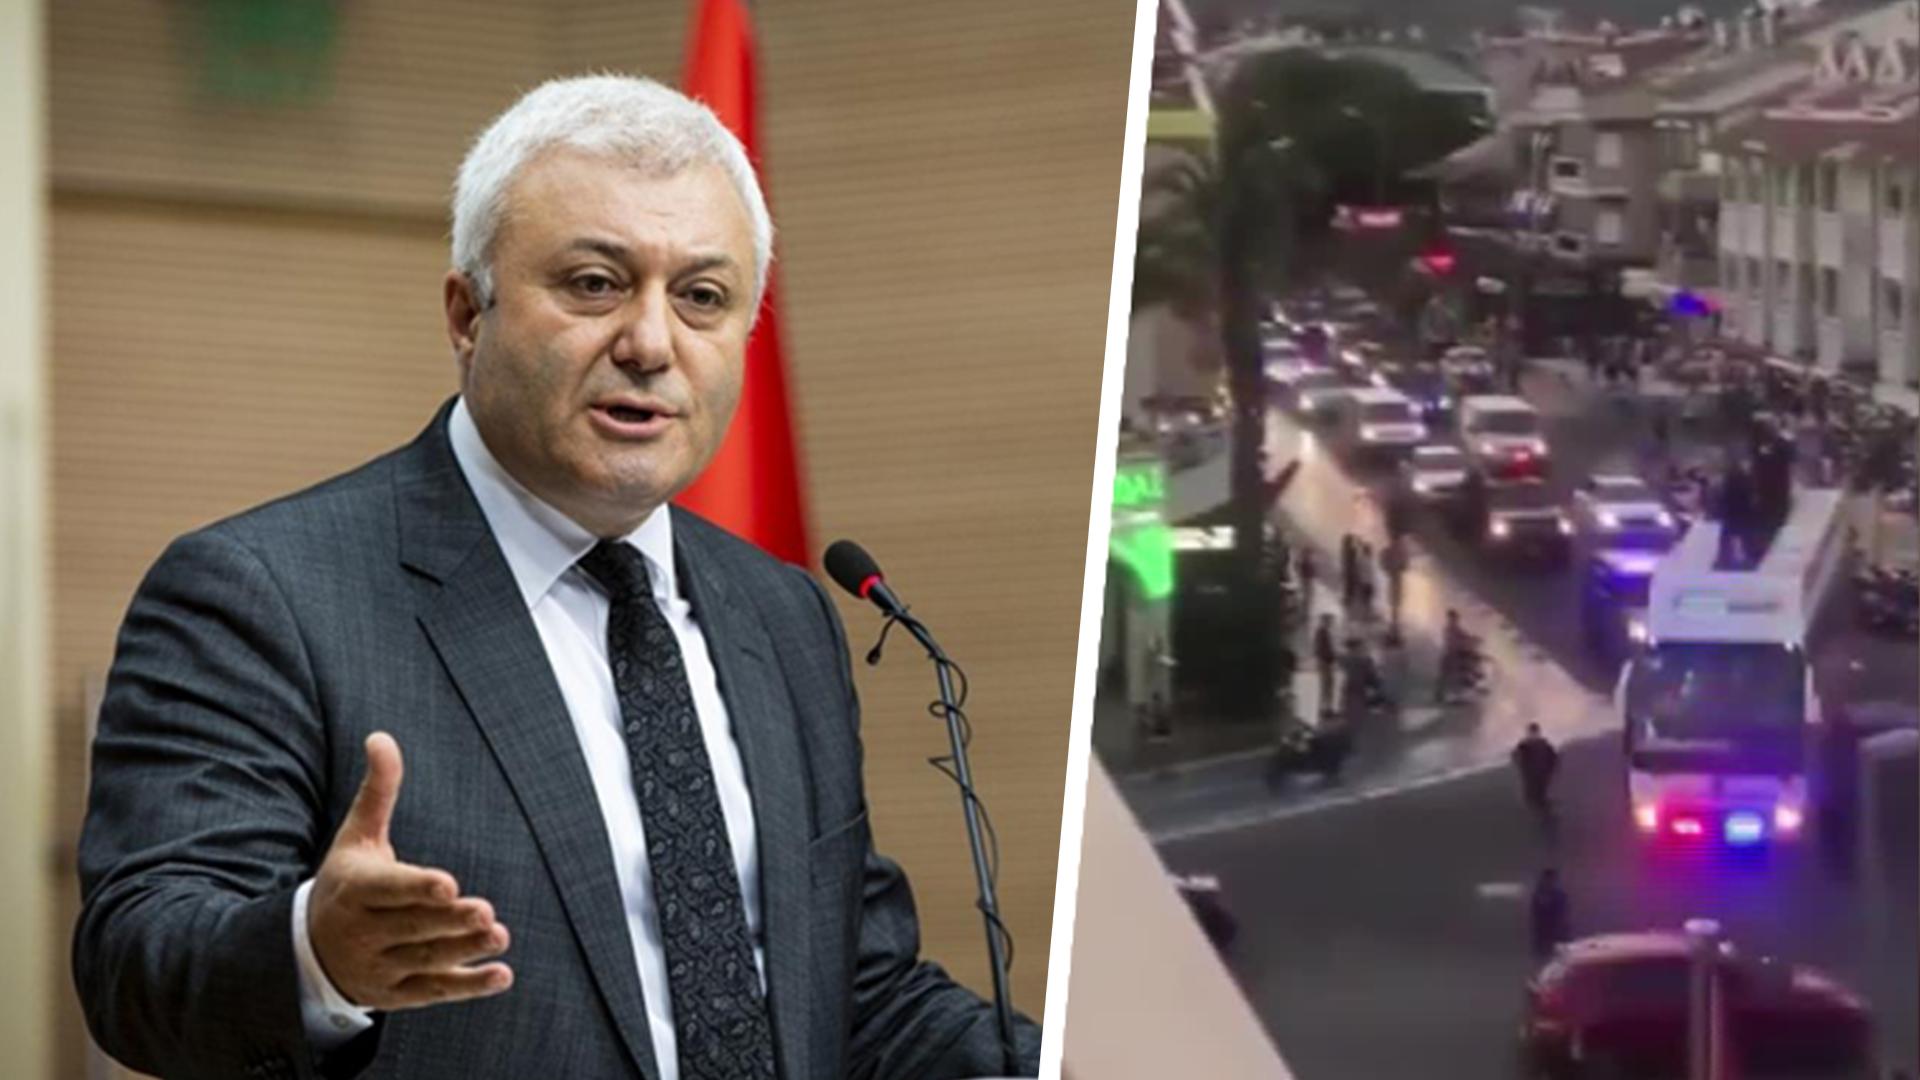 CHP'li Tuncay Özkan, Erdoğan'ın Marmaris konvoyunu paylaştı: Bir tek yangın söndürme uçağı almaya parası yok